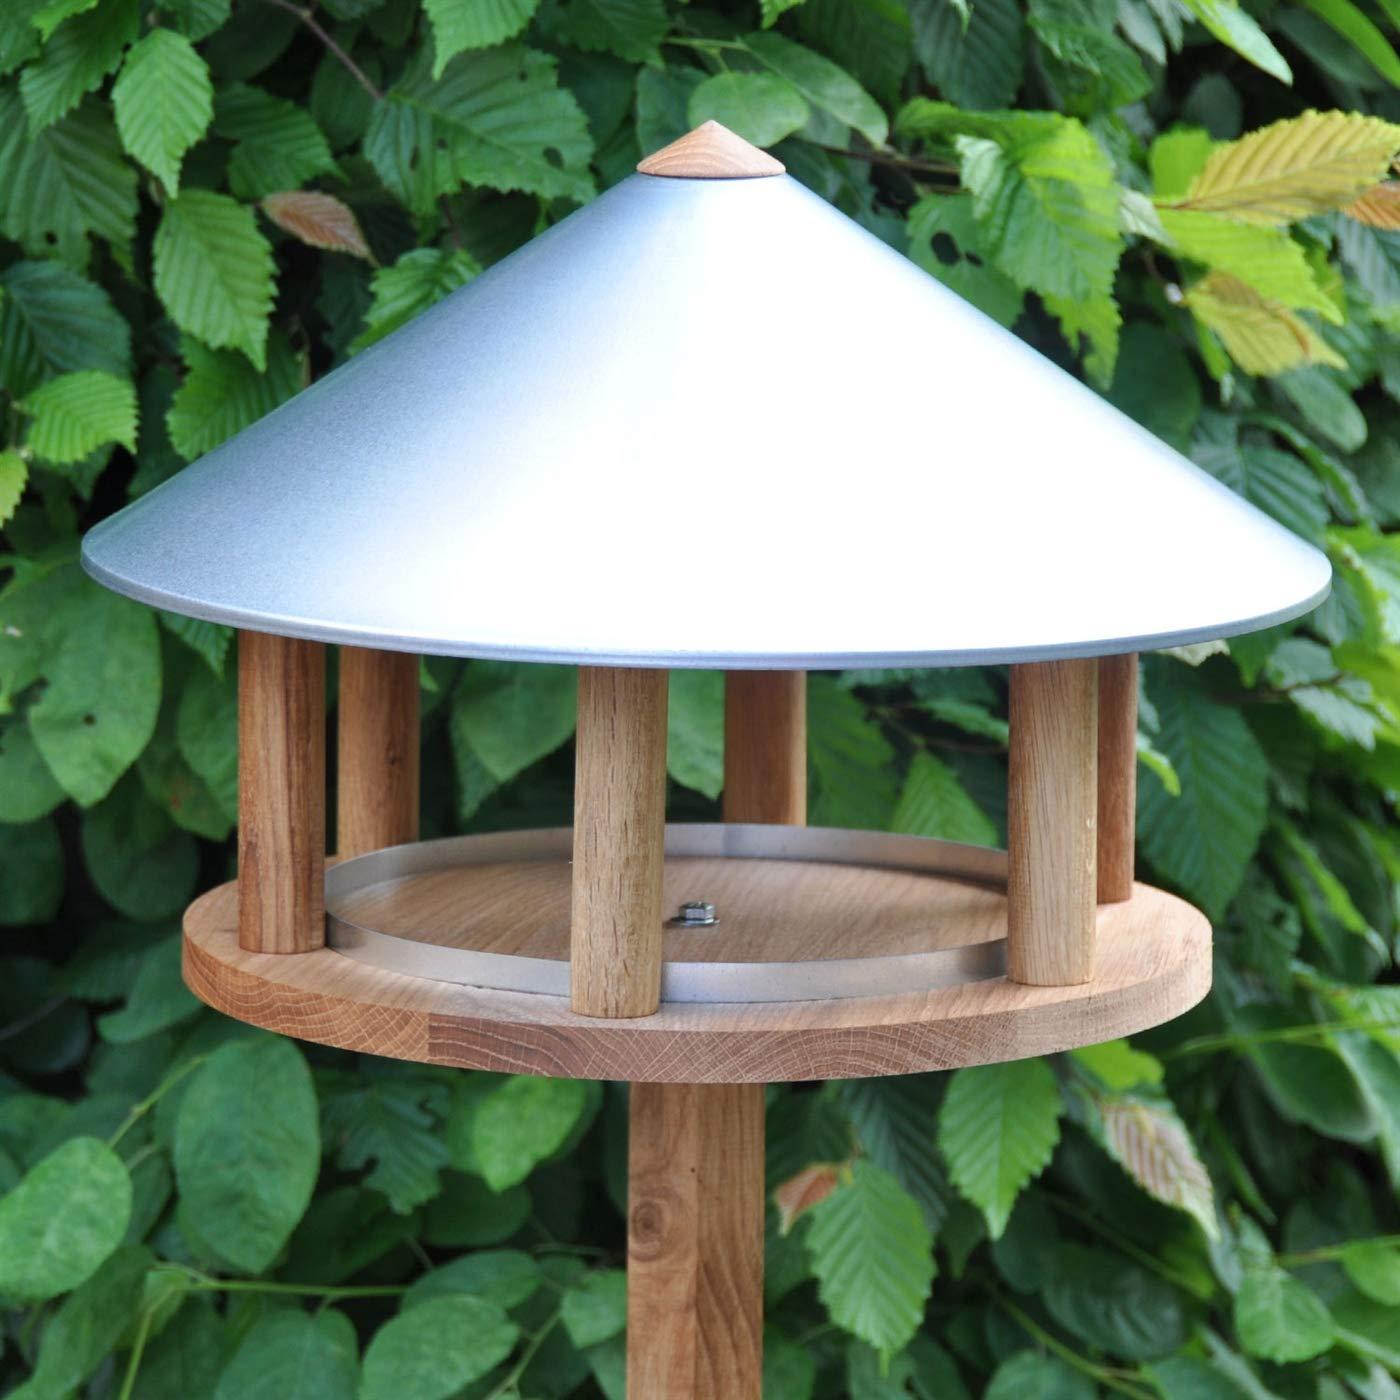 sconto prezzo basso Casetta per uccellini Aarhus mangiatoia per uccelli, uccelli, uccelli, in rovere di alta qualità  spedizione veloce a te